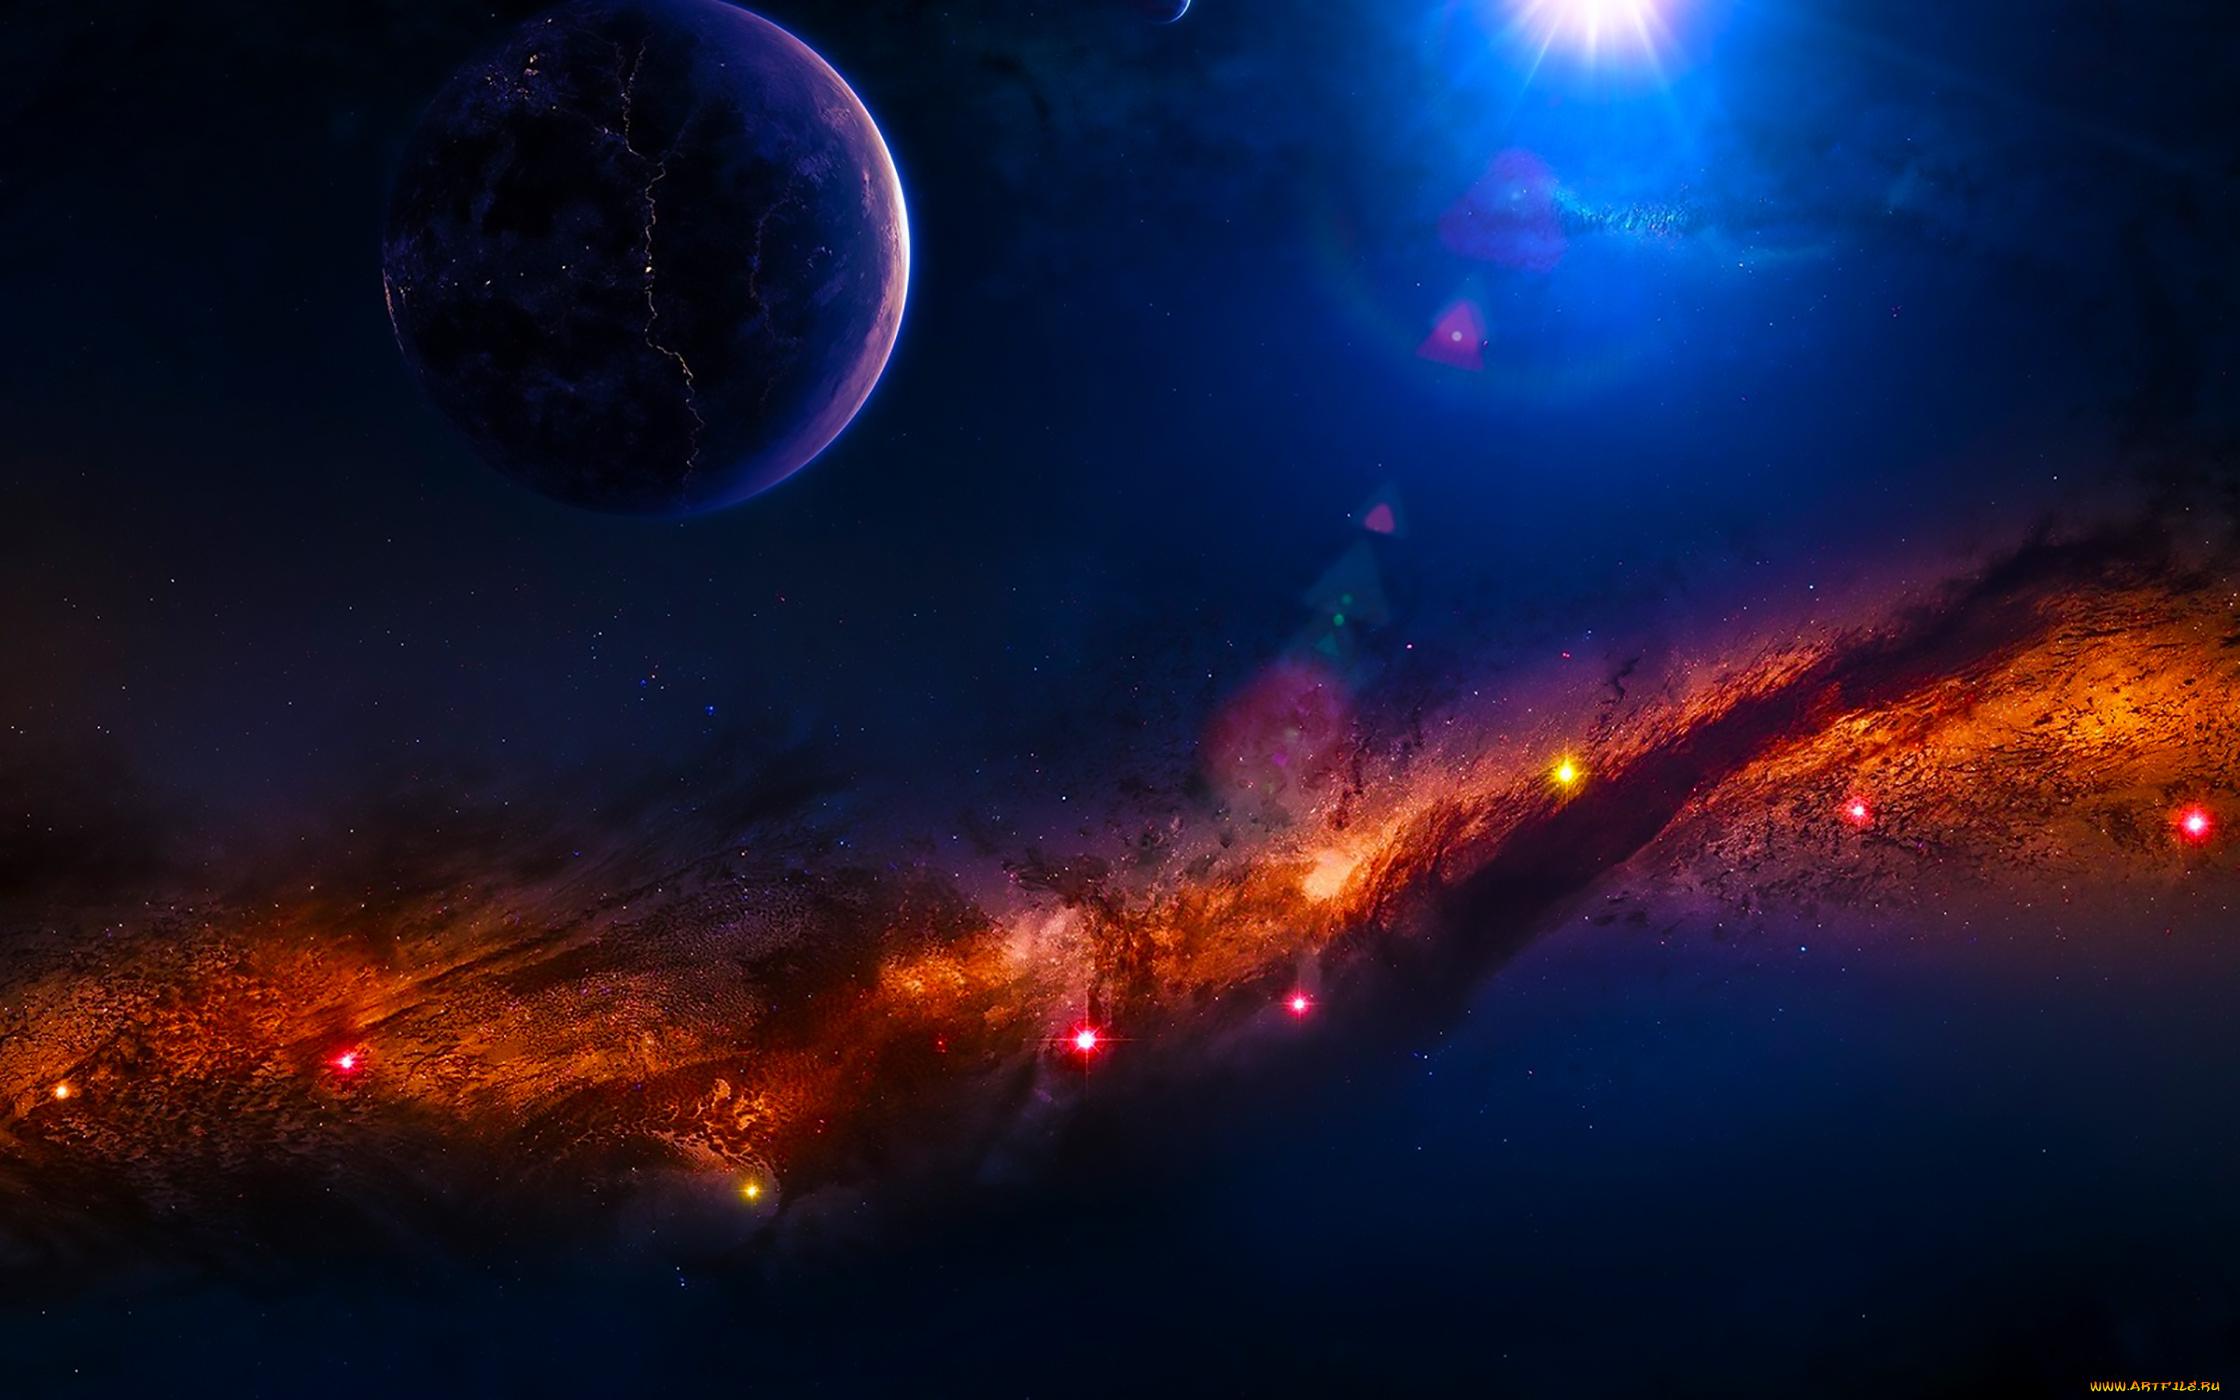 картинки космоса в высоком разрешении можем начать готовить